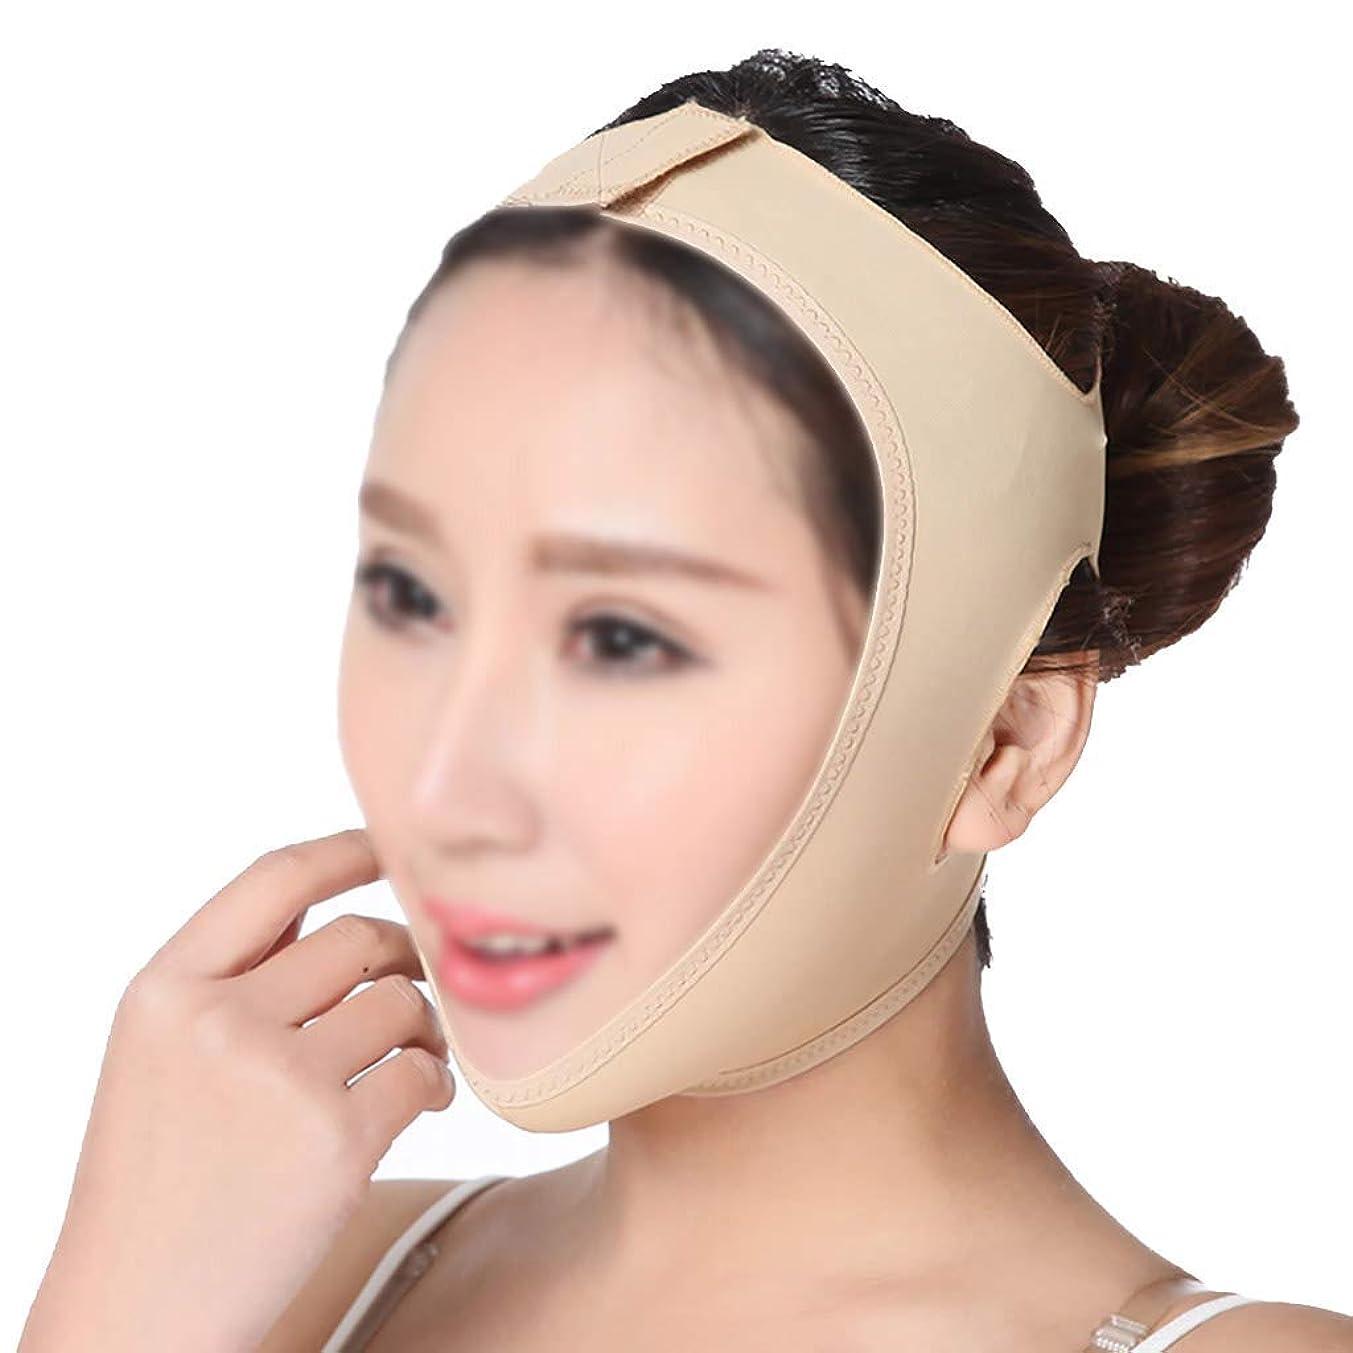 リボンセメント耳フェイスリフティングマスク、リフティングチン、フェイシャルスキン、頬垂れ防止、快適で 生地、詰まることを拒否、着用が簡単(サイズ:M),M